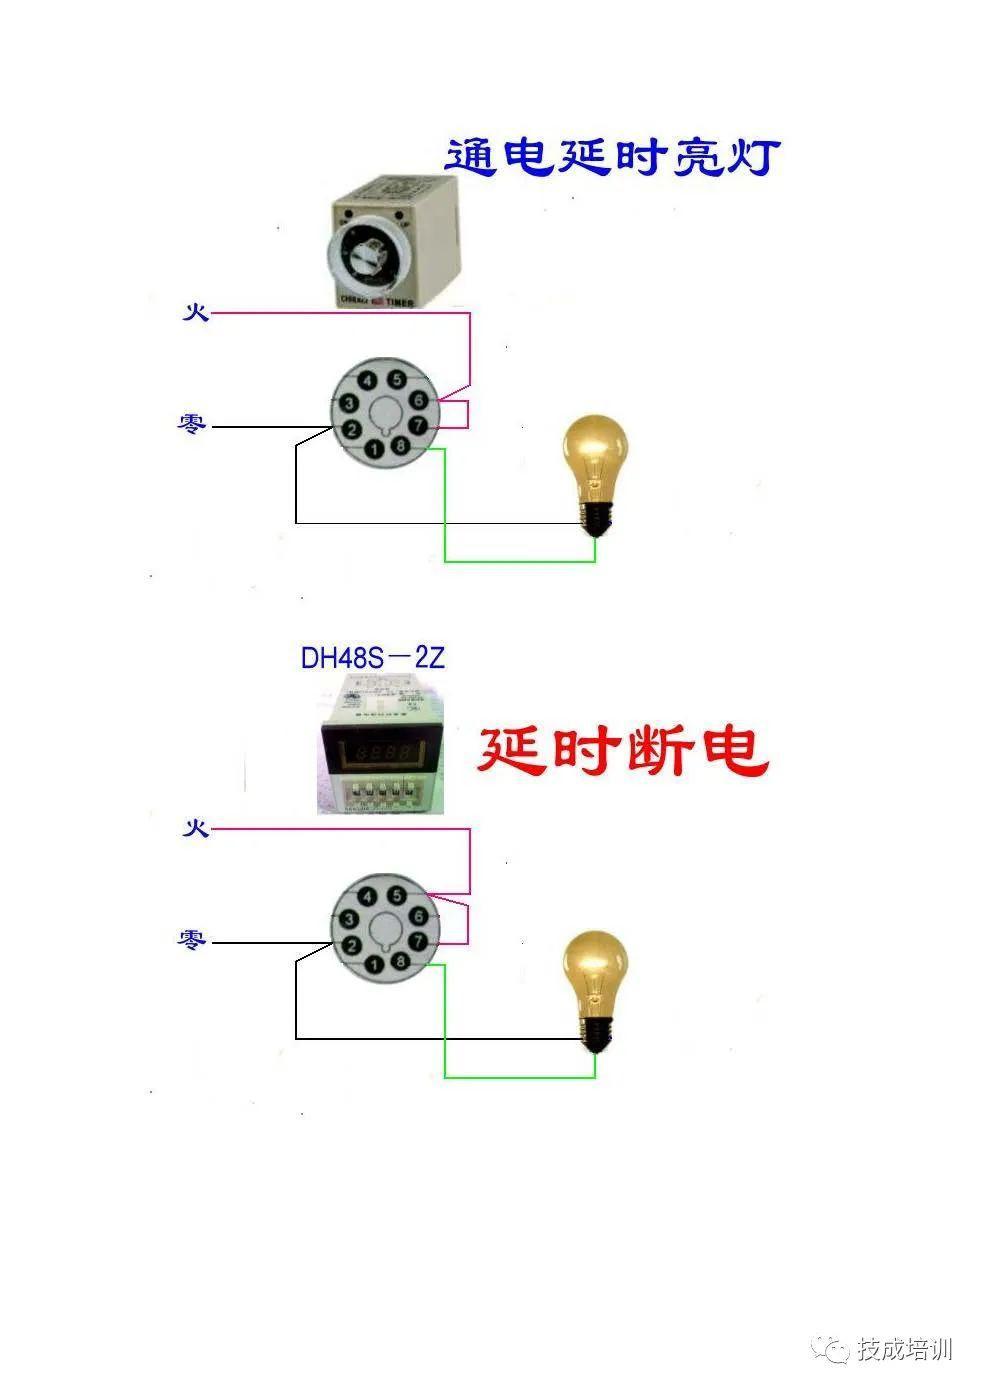 日光灯发光原理是什么?日光灯电路图详解!_手机住范儿